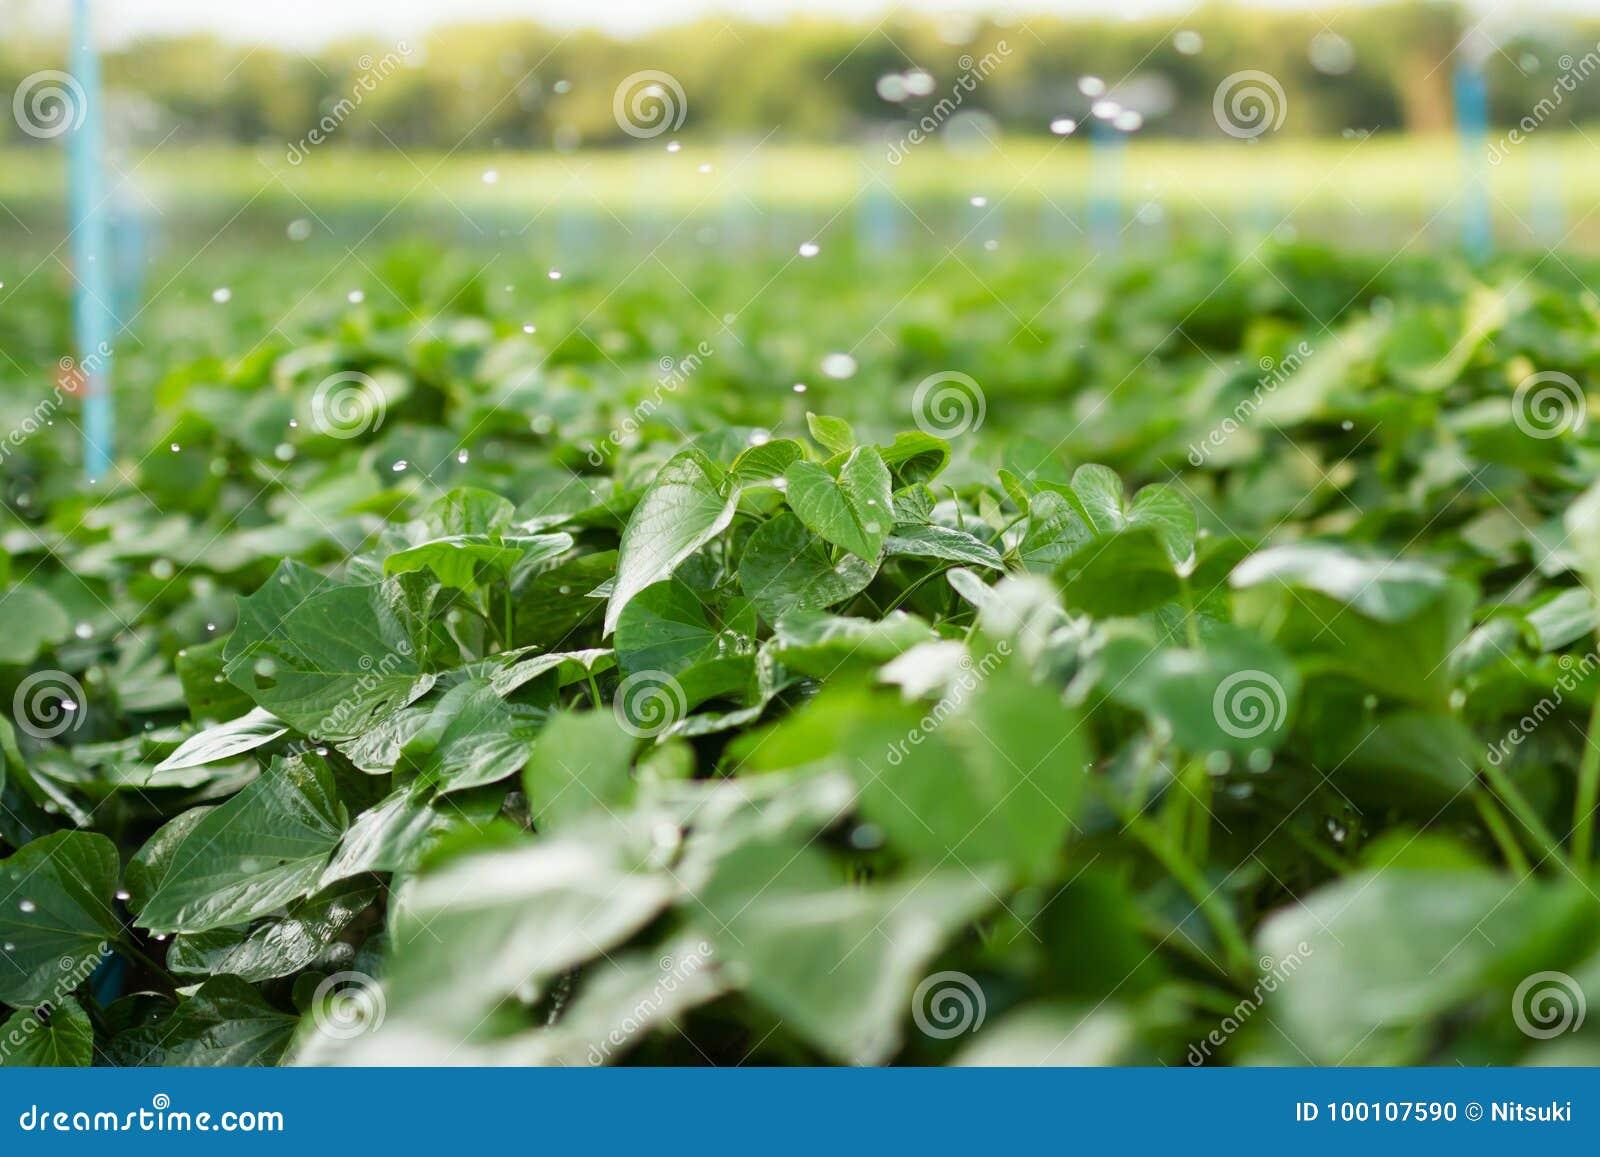 Campos da batata doce